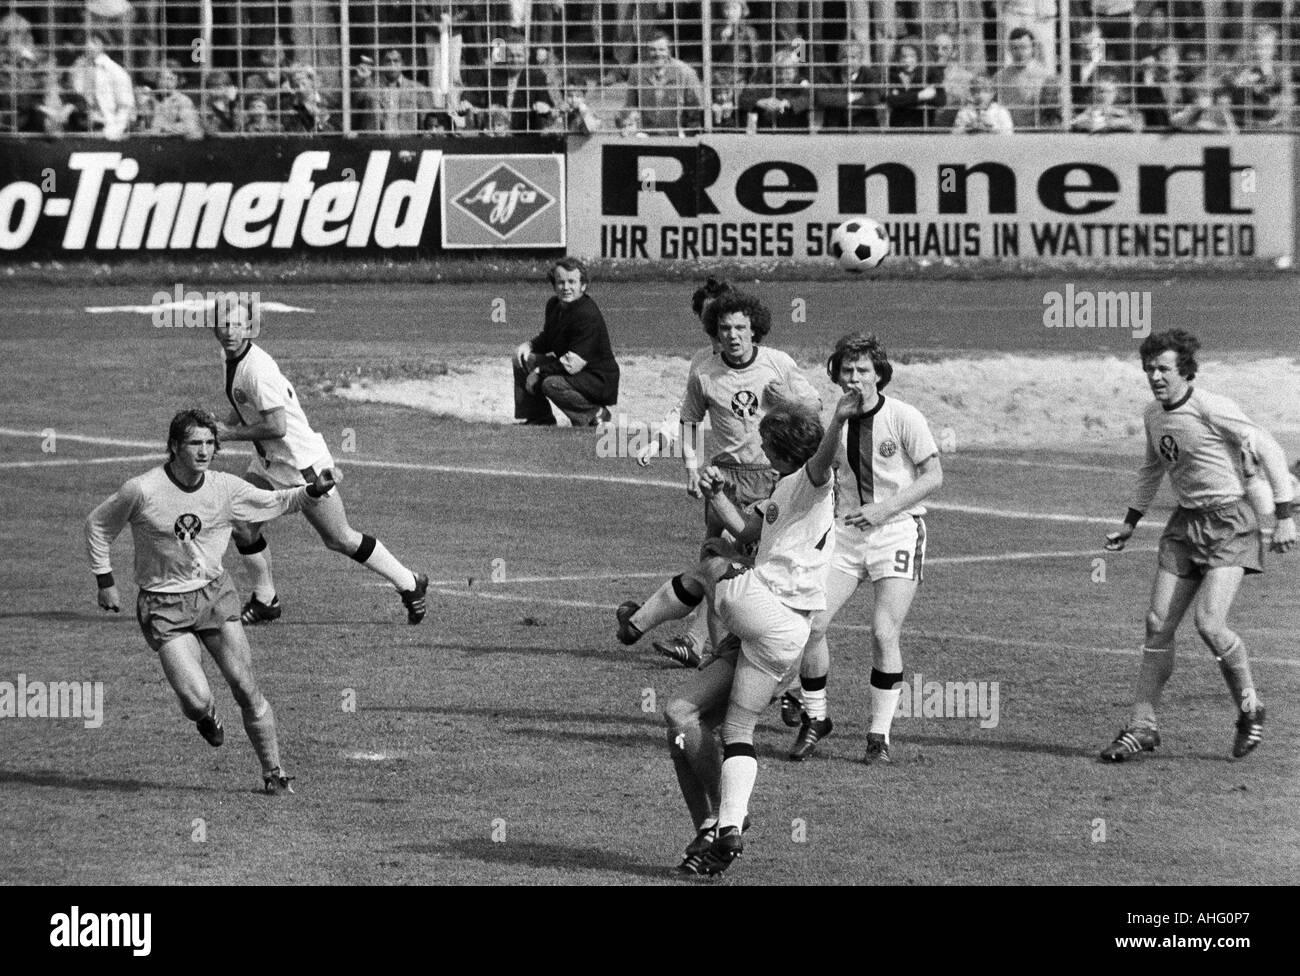 football, Regionalliga 1973/1974, promotion match to the Bundesliga 1974/1975, SG Wattenscheid 09 versus Eintracht Brunswick 0:0, Lohrheide Stadium in Bochum-Wattenscheid, Eintracht Braunschweig was the first German football club that implements the shirt - Stock Image